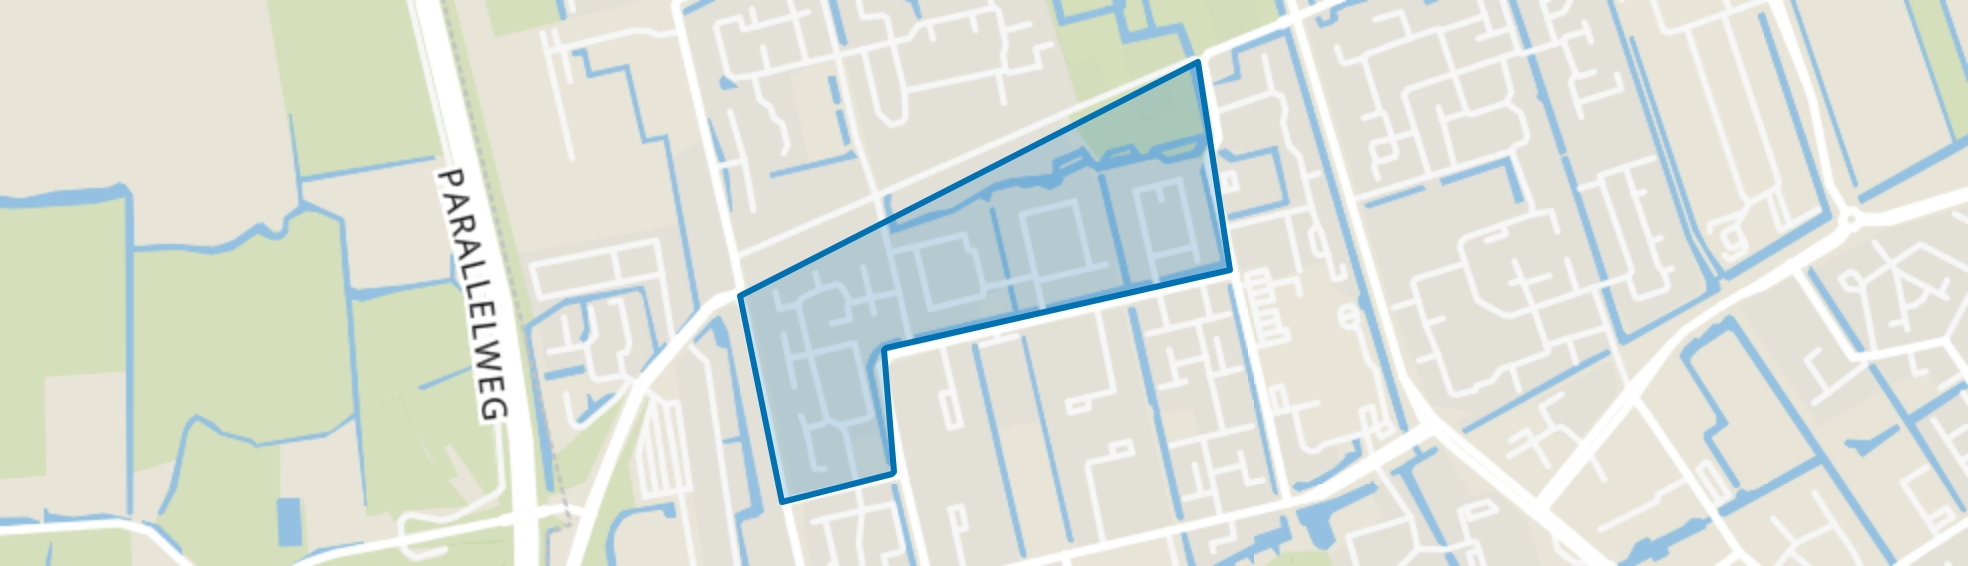 Risdam-Zuid - Buurt 20 08, Hoorn (NH) map